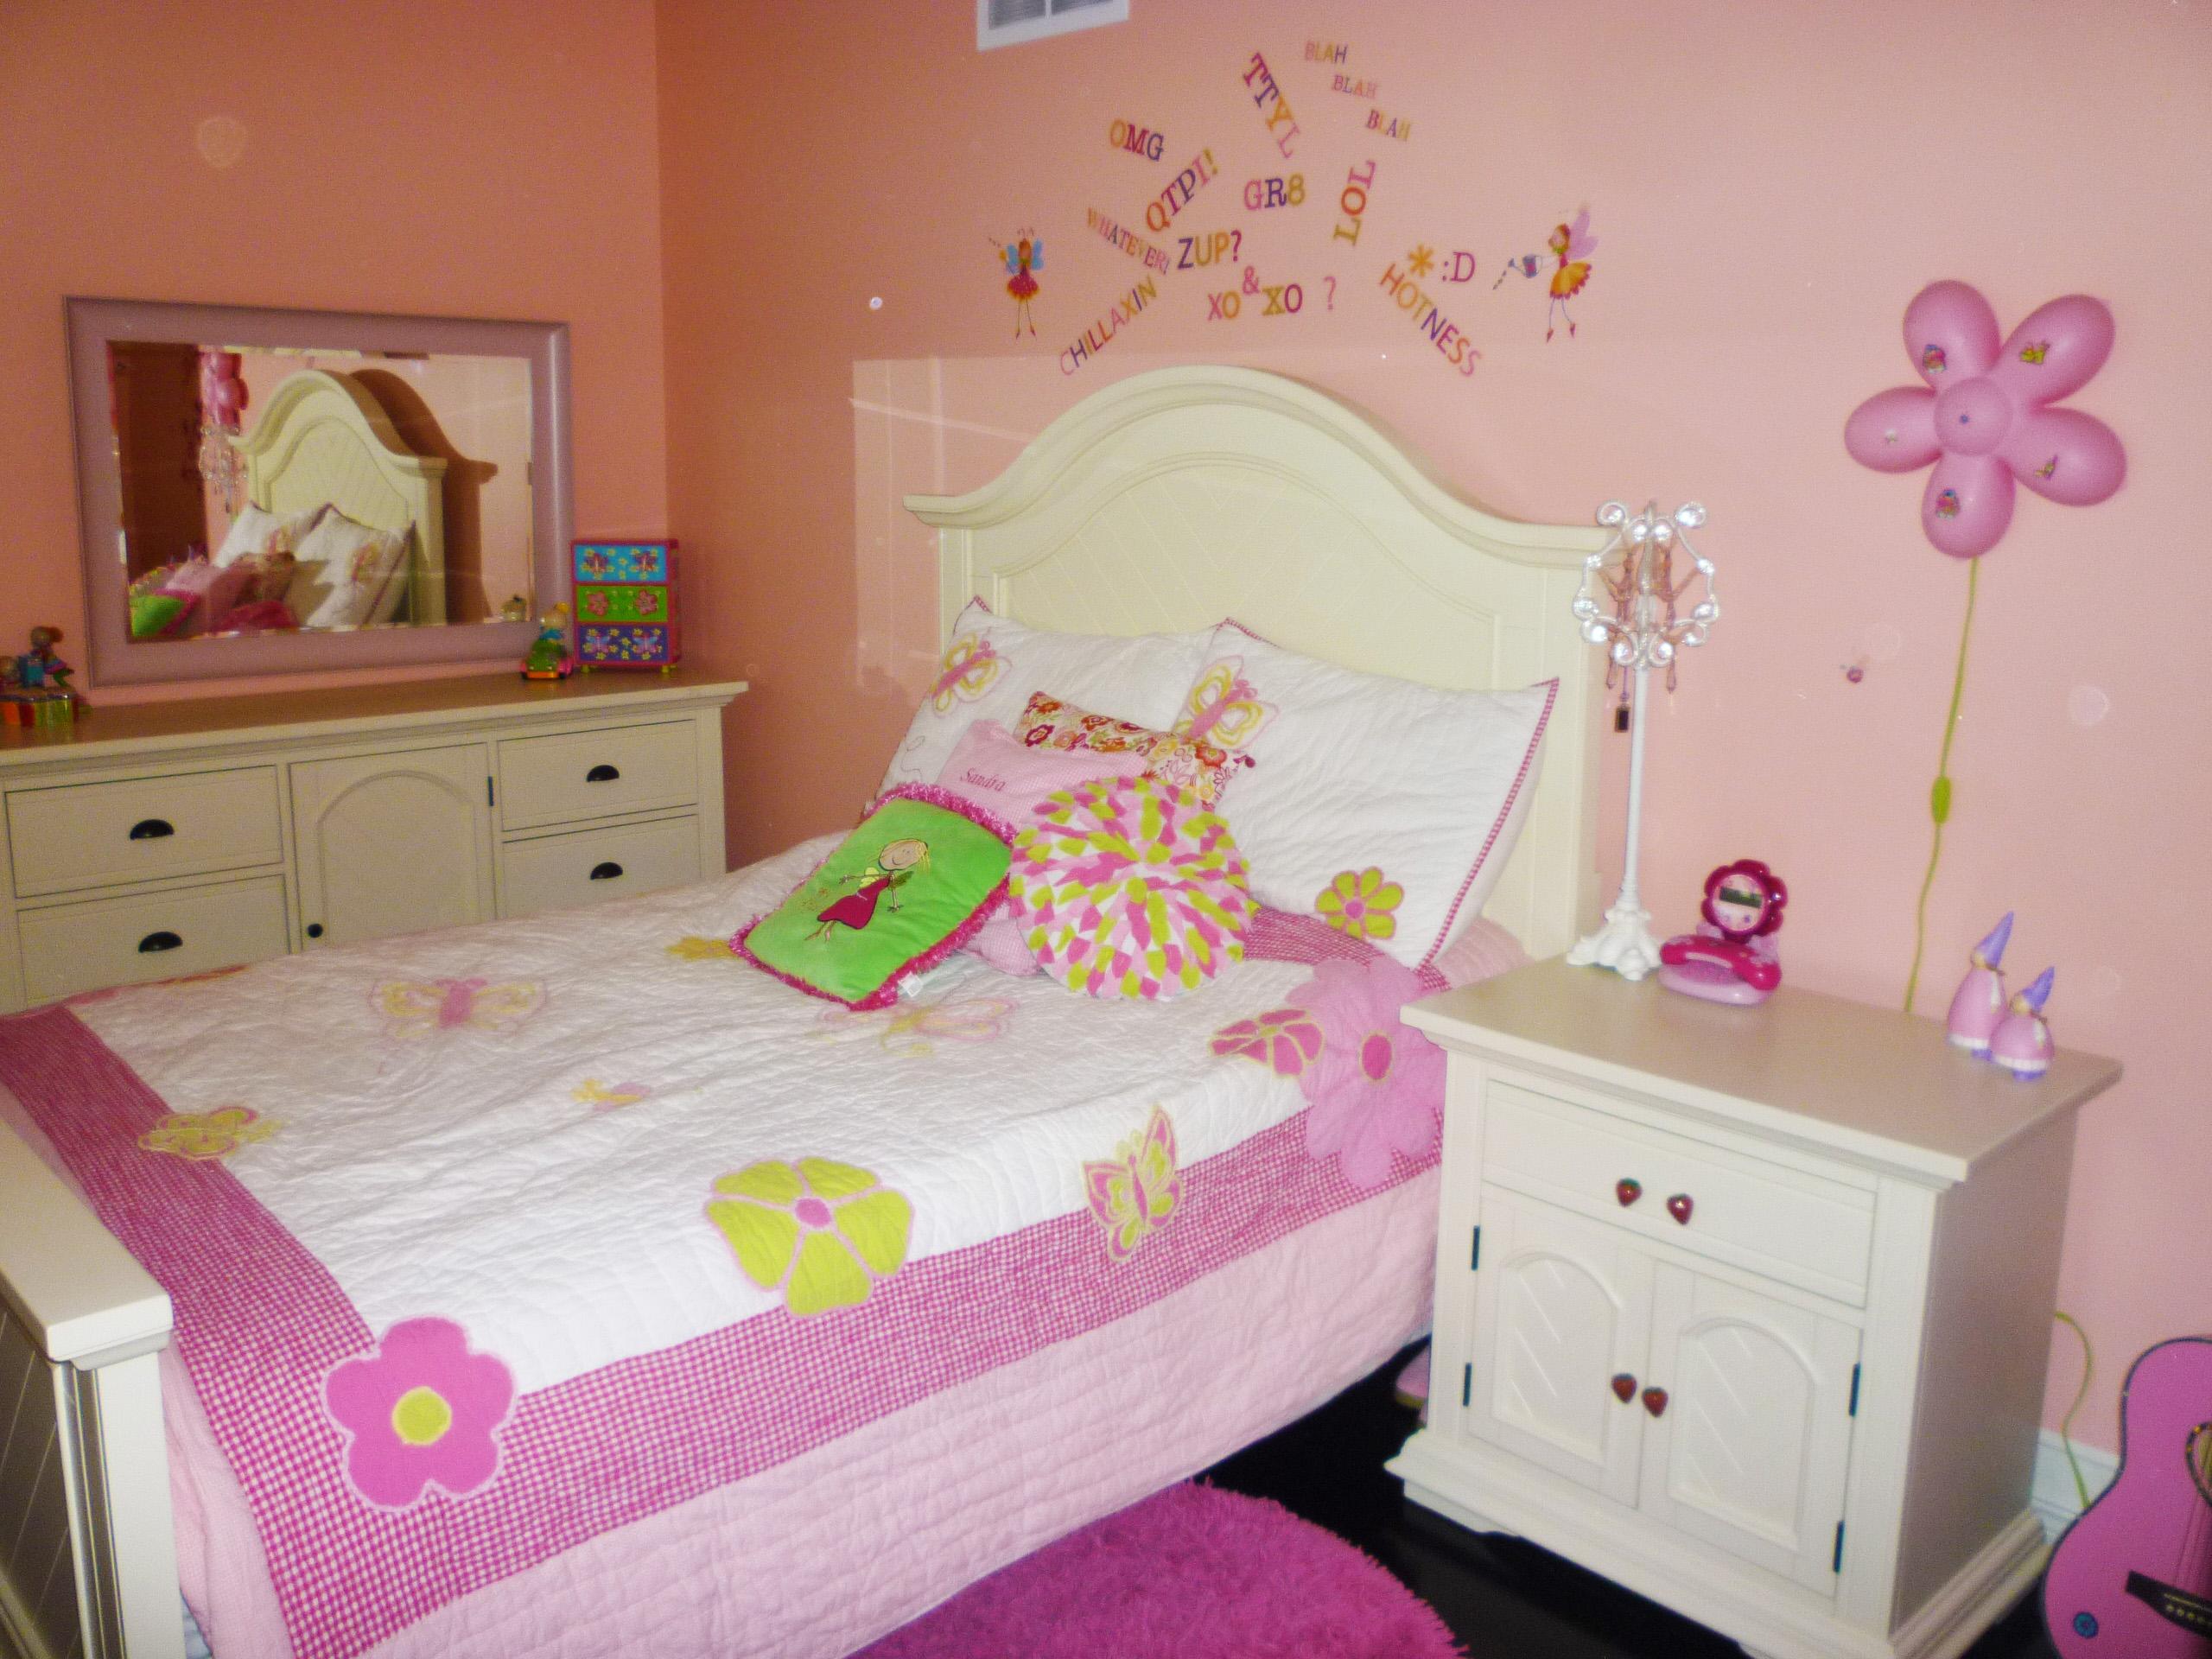 Residential Home Design -Children's Bedroom